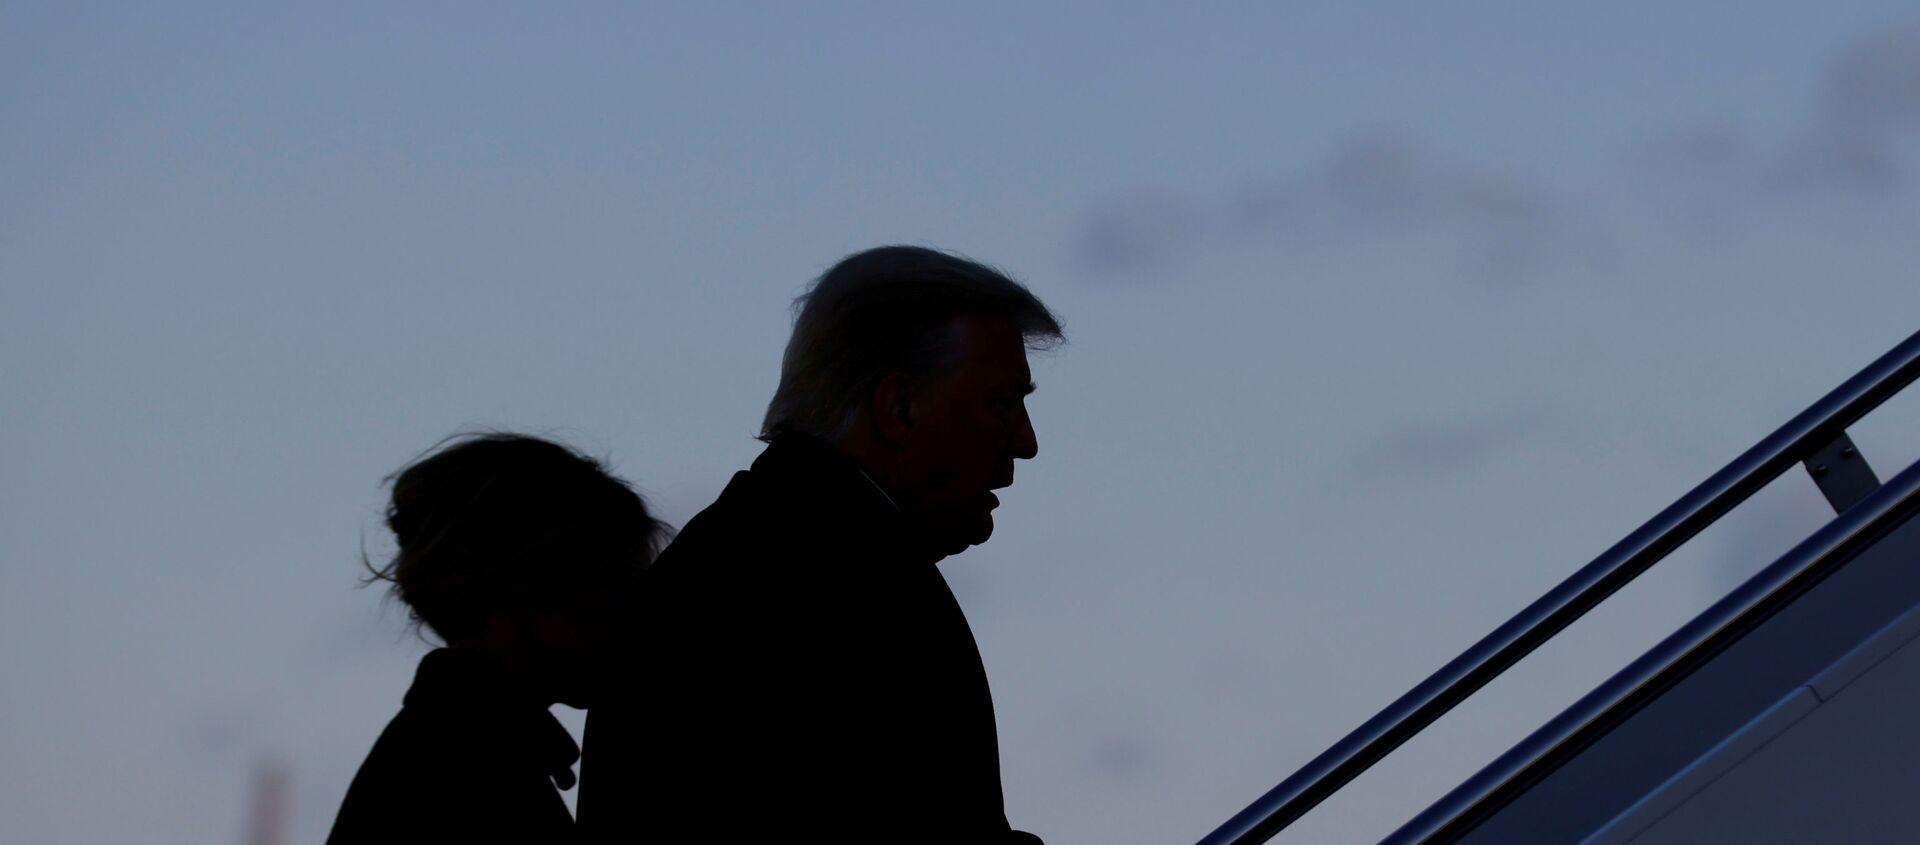 Donald Trump lascia la Casa Bianca - Sputnik Italia, 1920, 17.02.2021